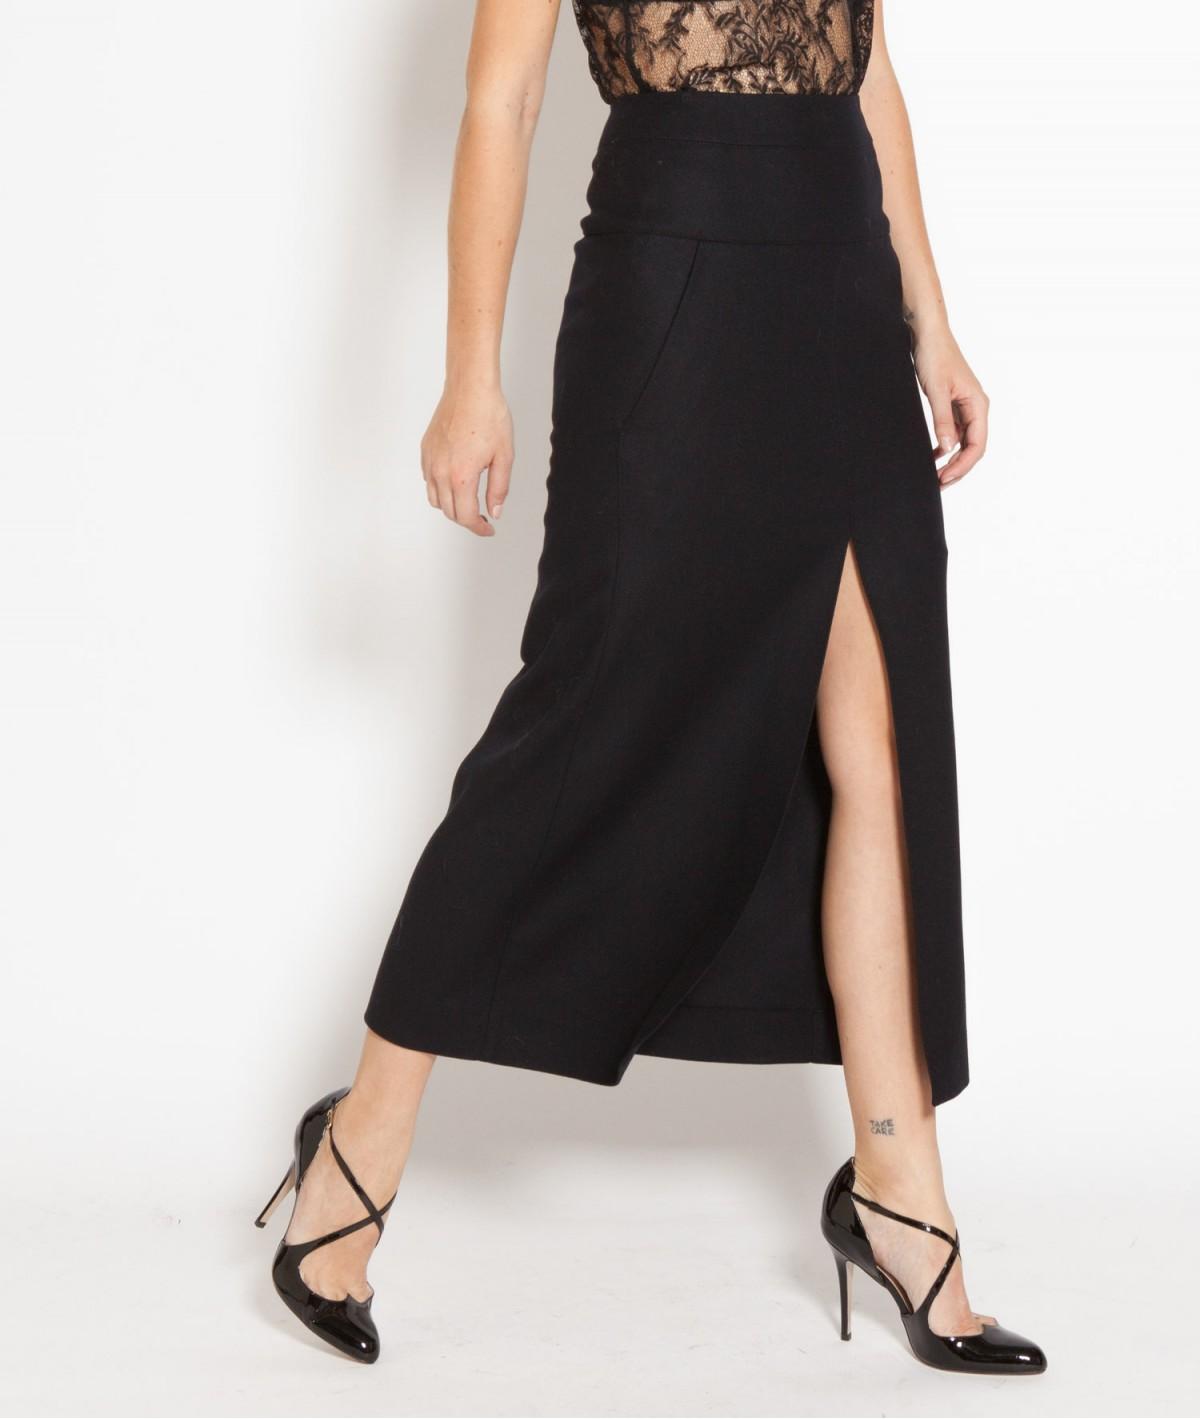 jupe longue fendue, pour un look ultra sexy